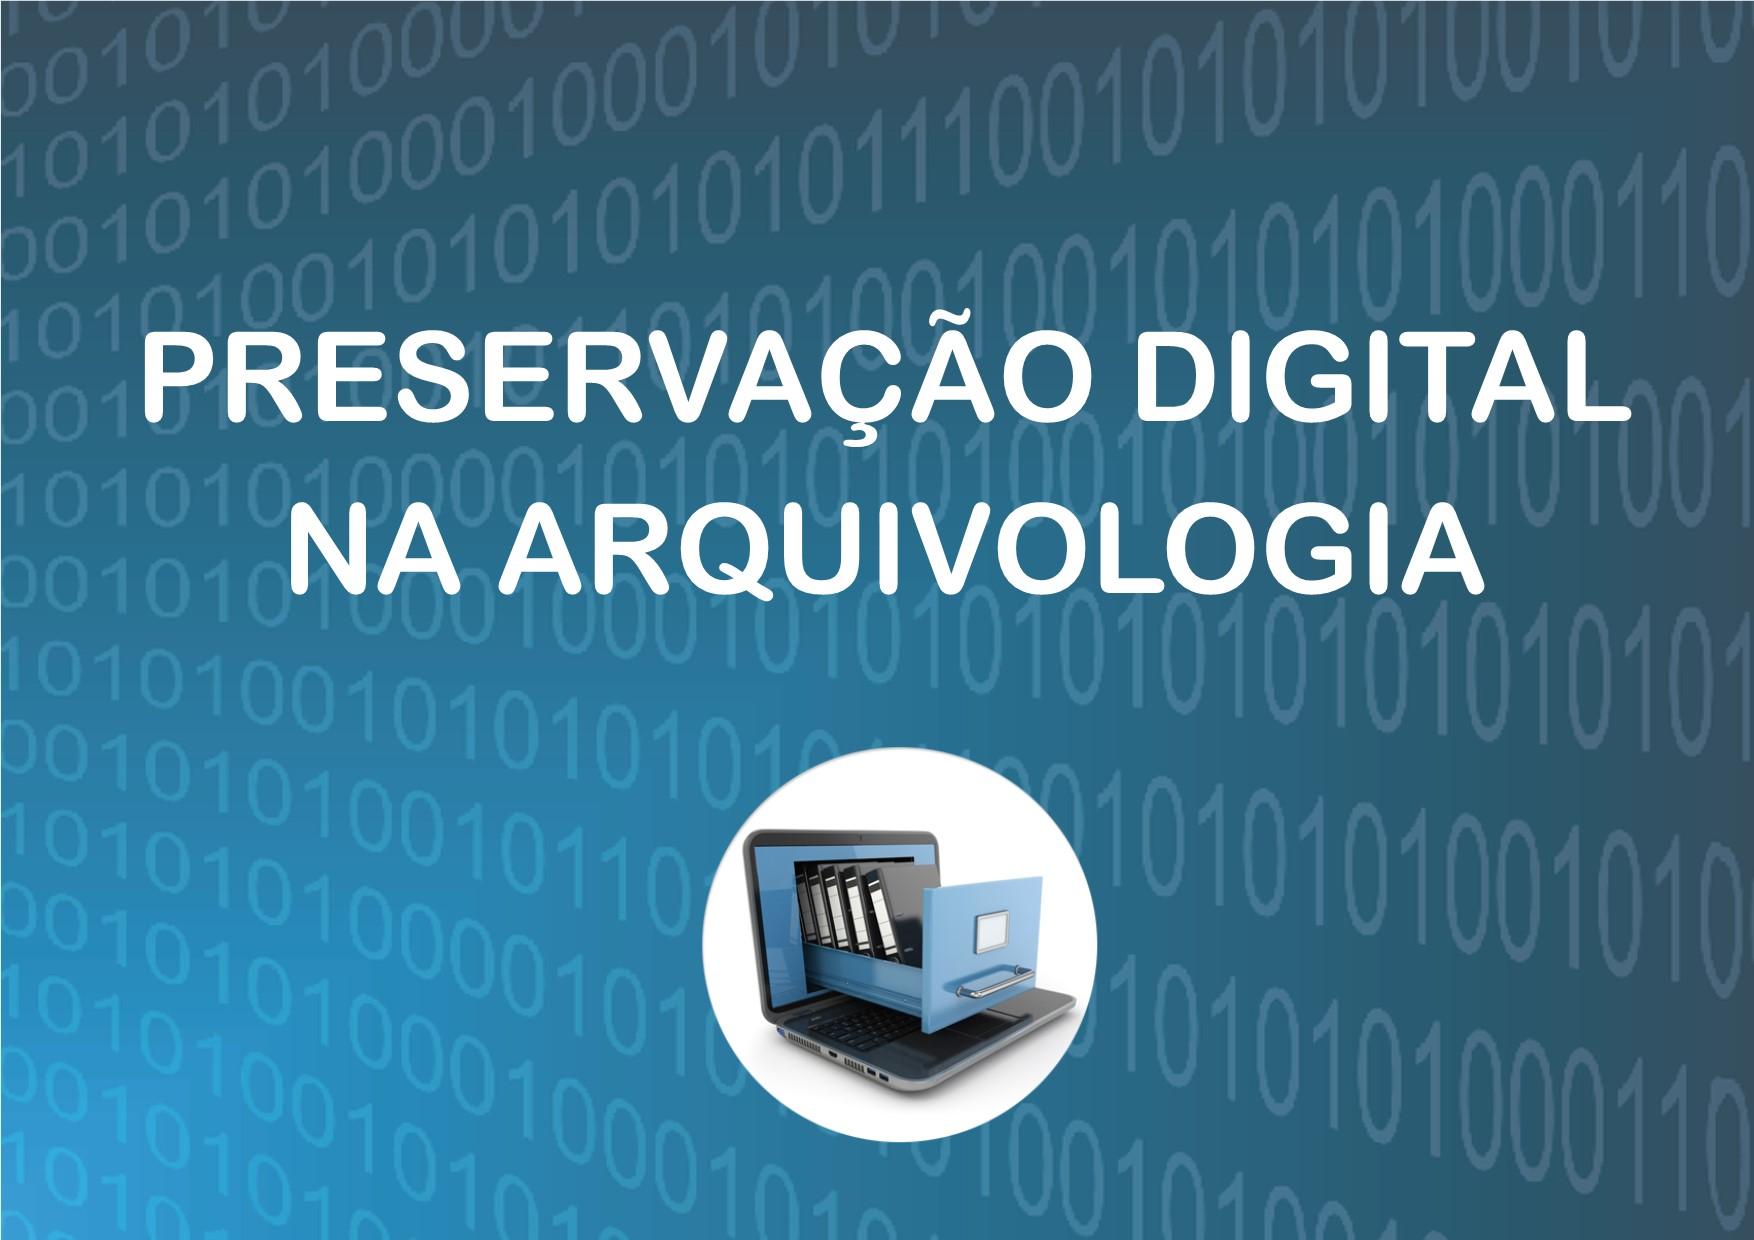 Preservação Digital na Arquivologia